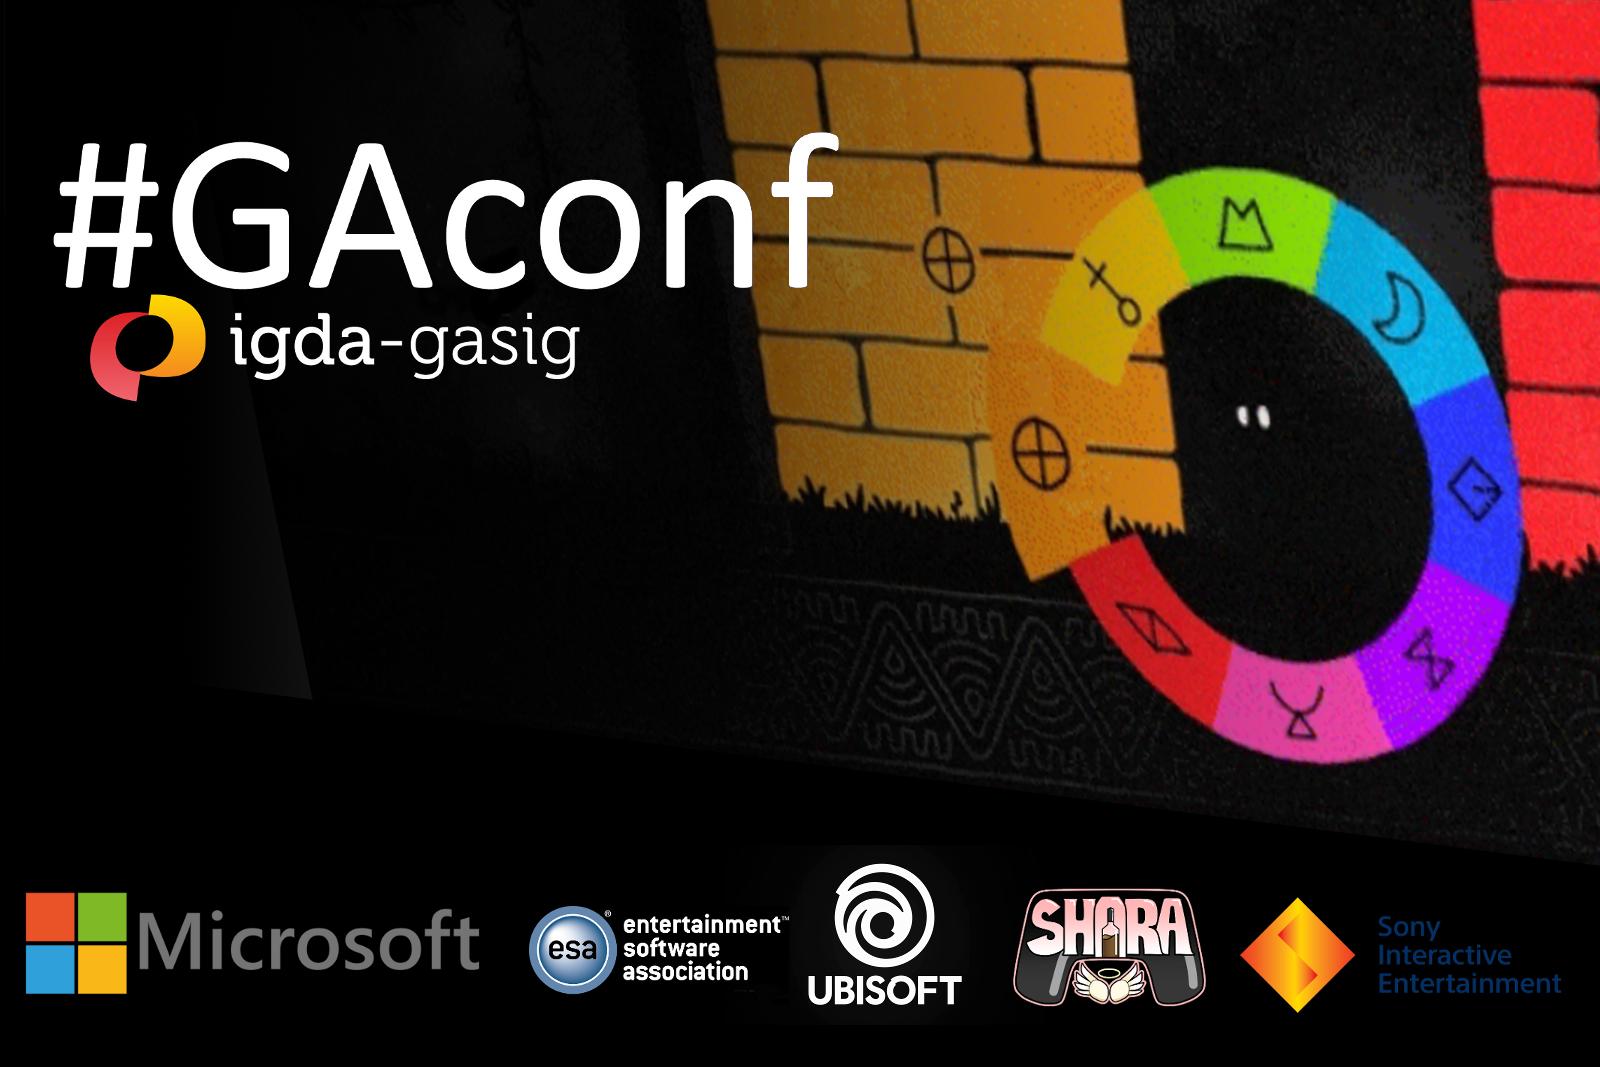 Gambar spanduk GAconf dengan latar belakang sponsor dan video game